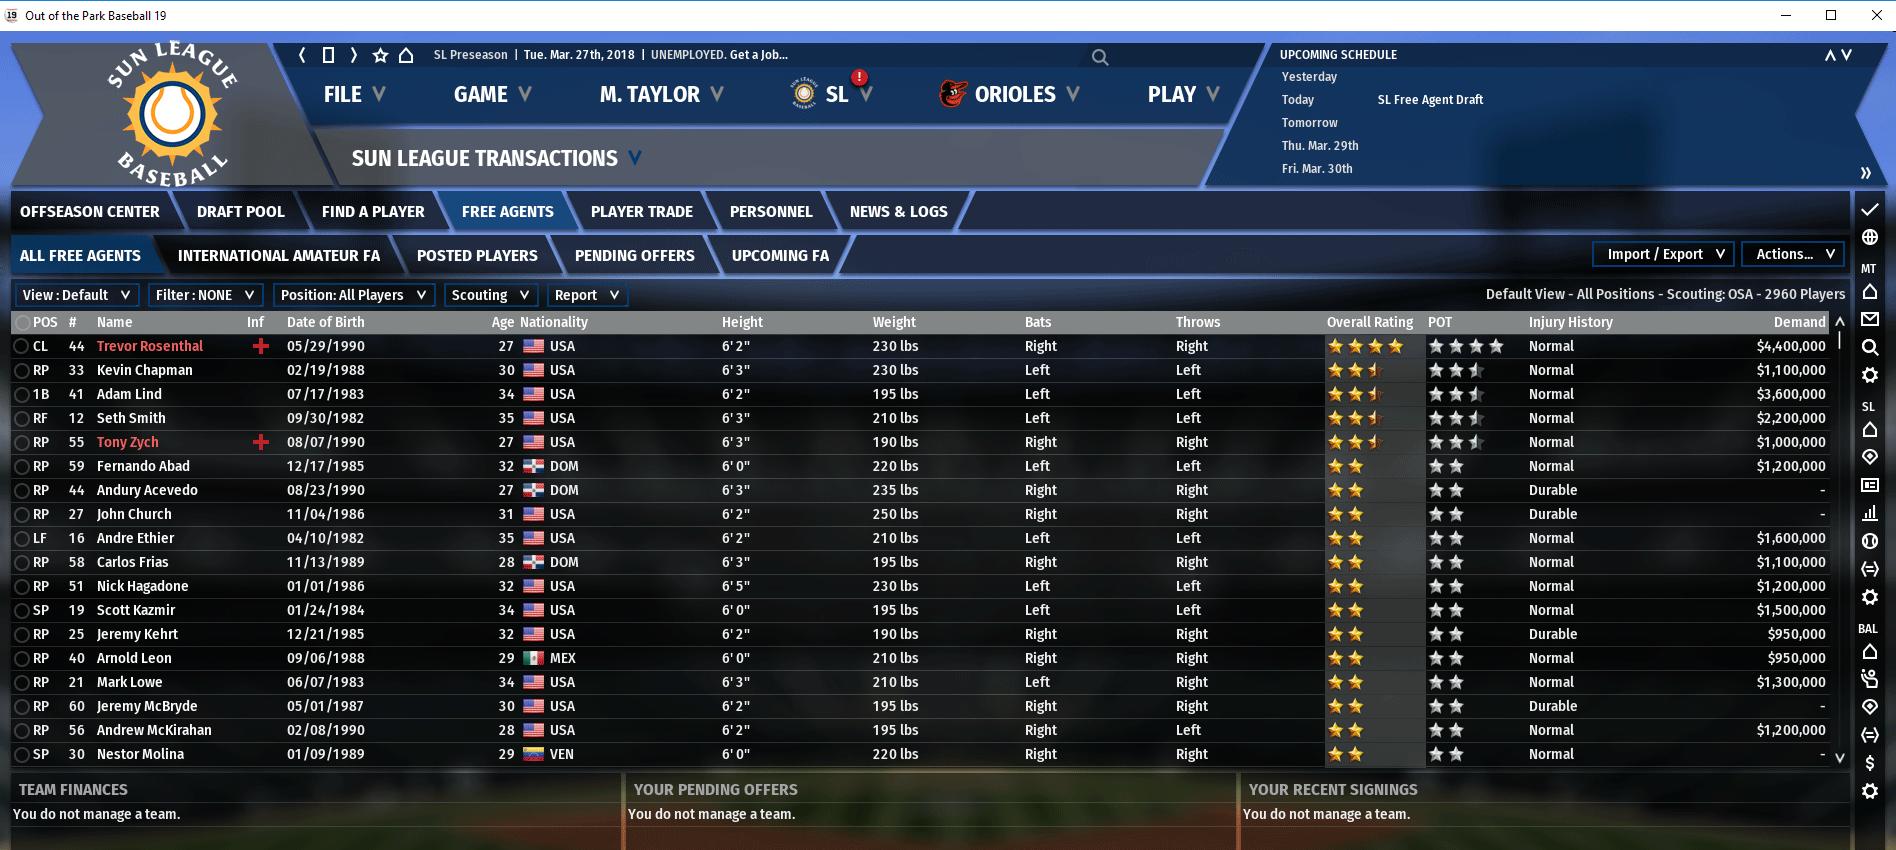 draft-ratings.png